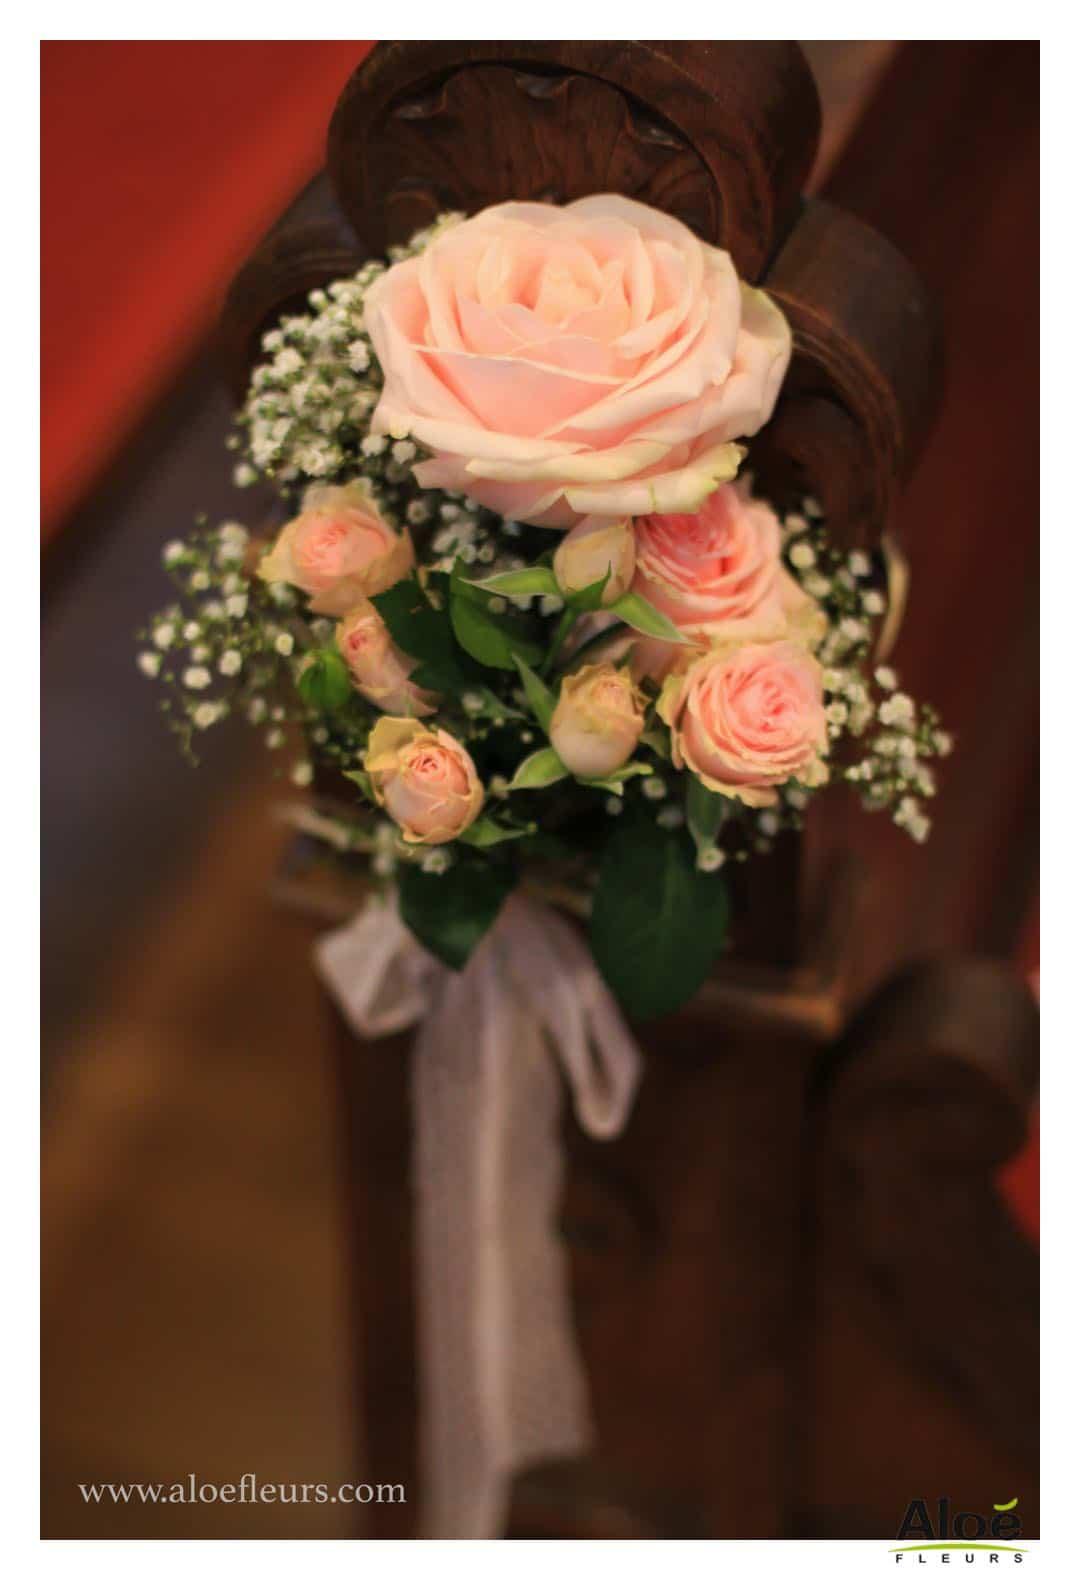 D coration florale d 39 glise aloe fleurs for Bouquet de fleurs lyon